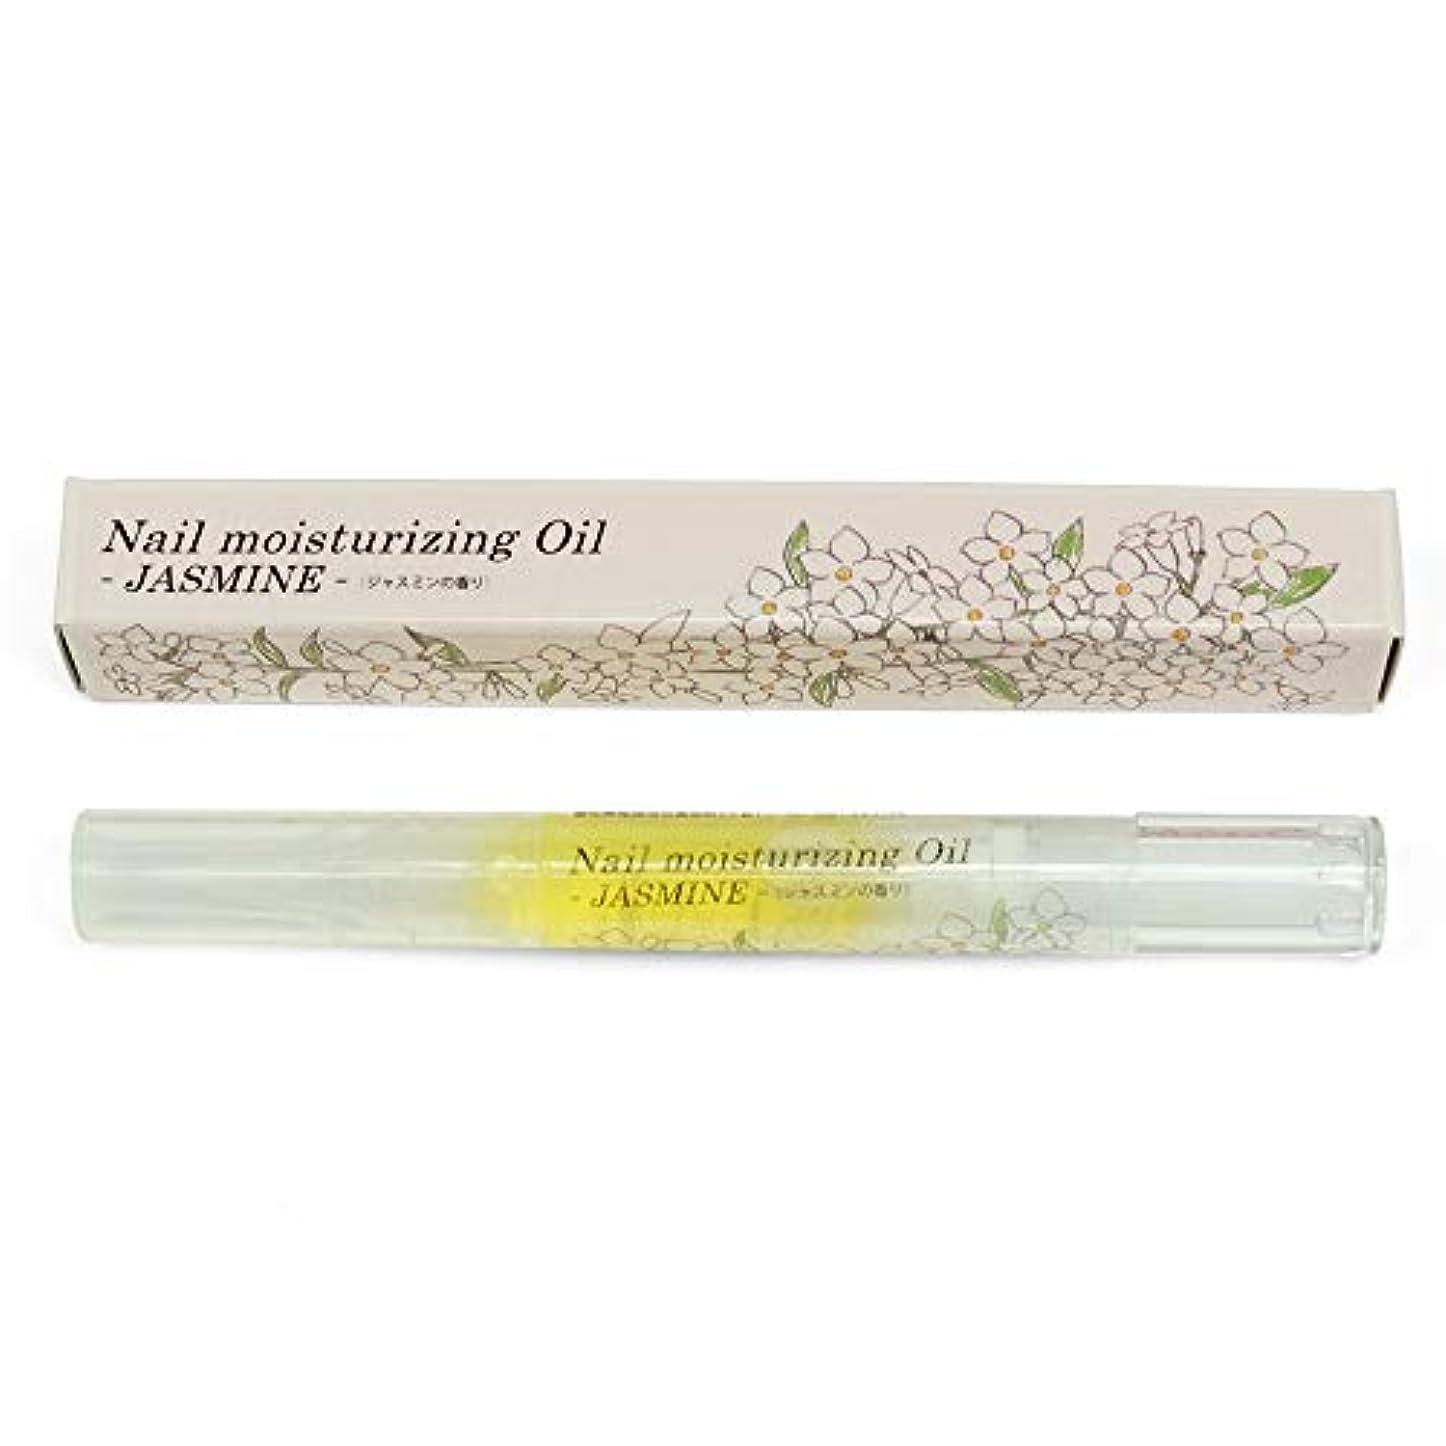 膜利益別のease Nail moisturizing Oil ネイルオイルペン(ジャスミンの香り) 2ml